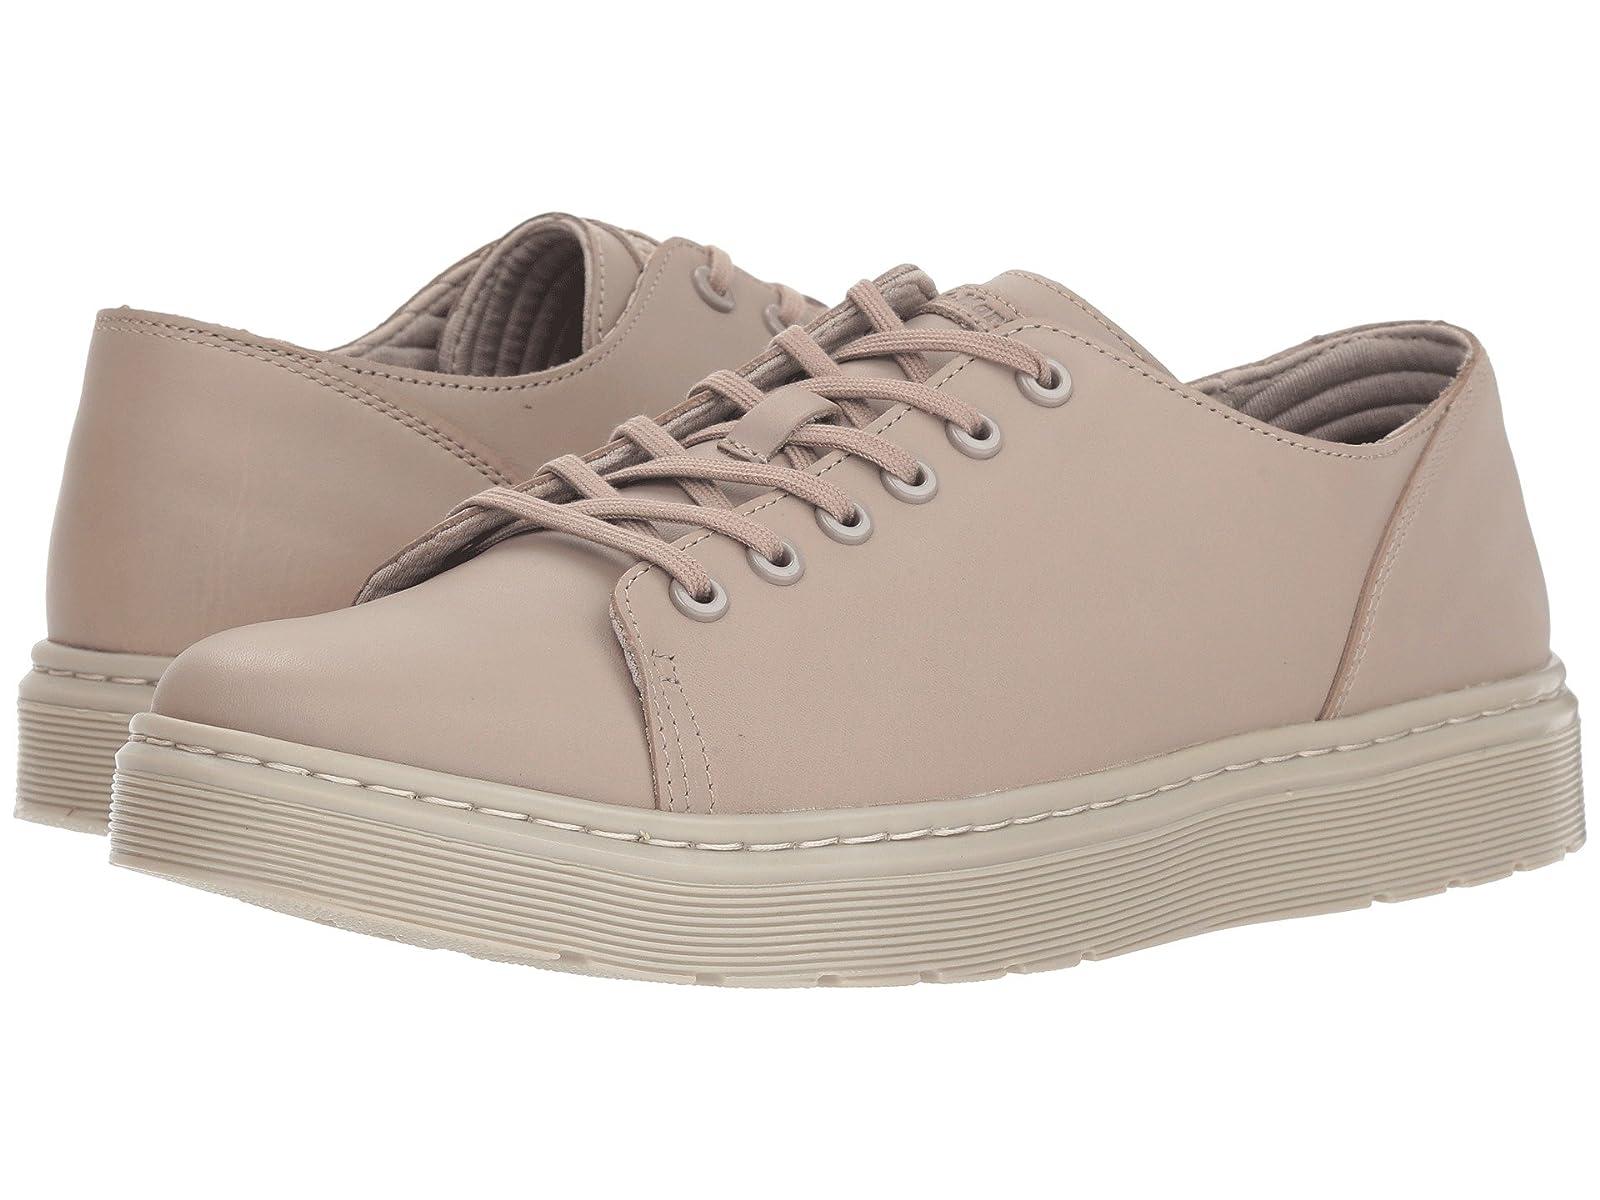 Dr. Martens Dante SendalAtmospheric grades have affordable shoes